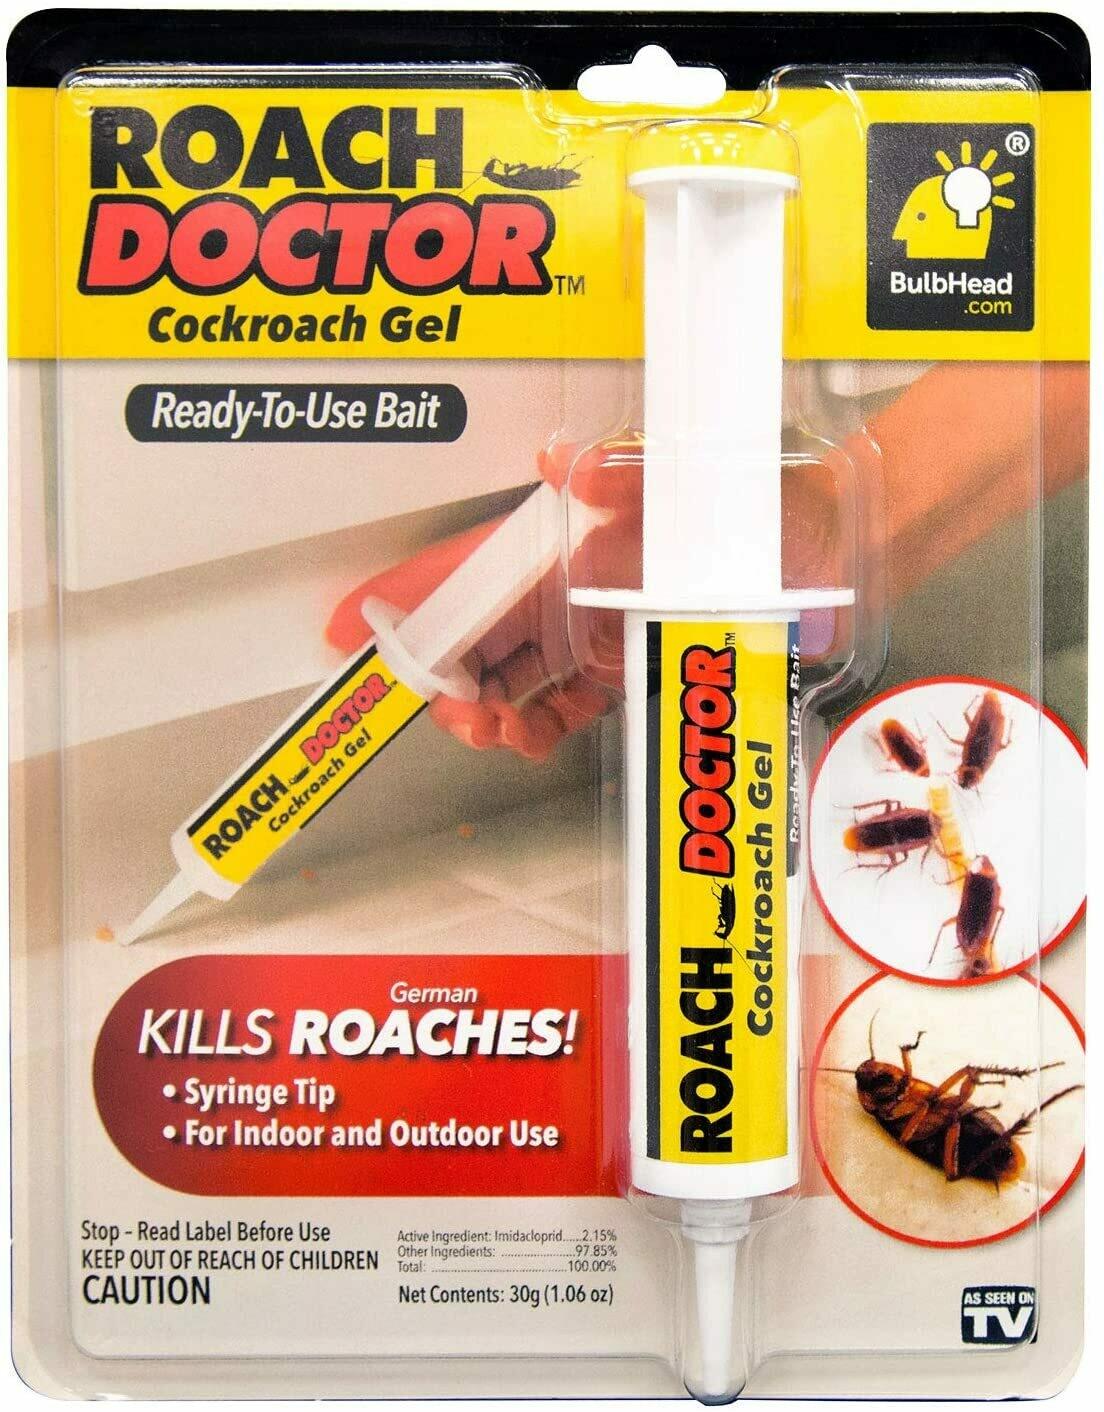 የበረሮ ማጥፊያ ሲሪንጅ አብሮት የሚመጣ Roach Doctor Cockroach Gel Ready-to-Use Roach Killer with Syringe Applicator